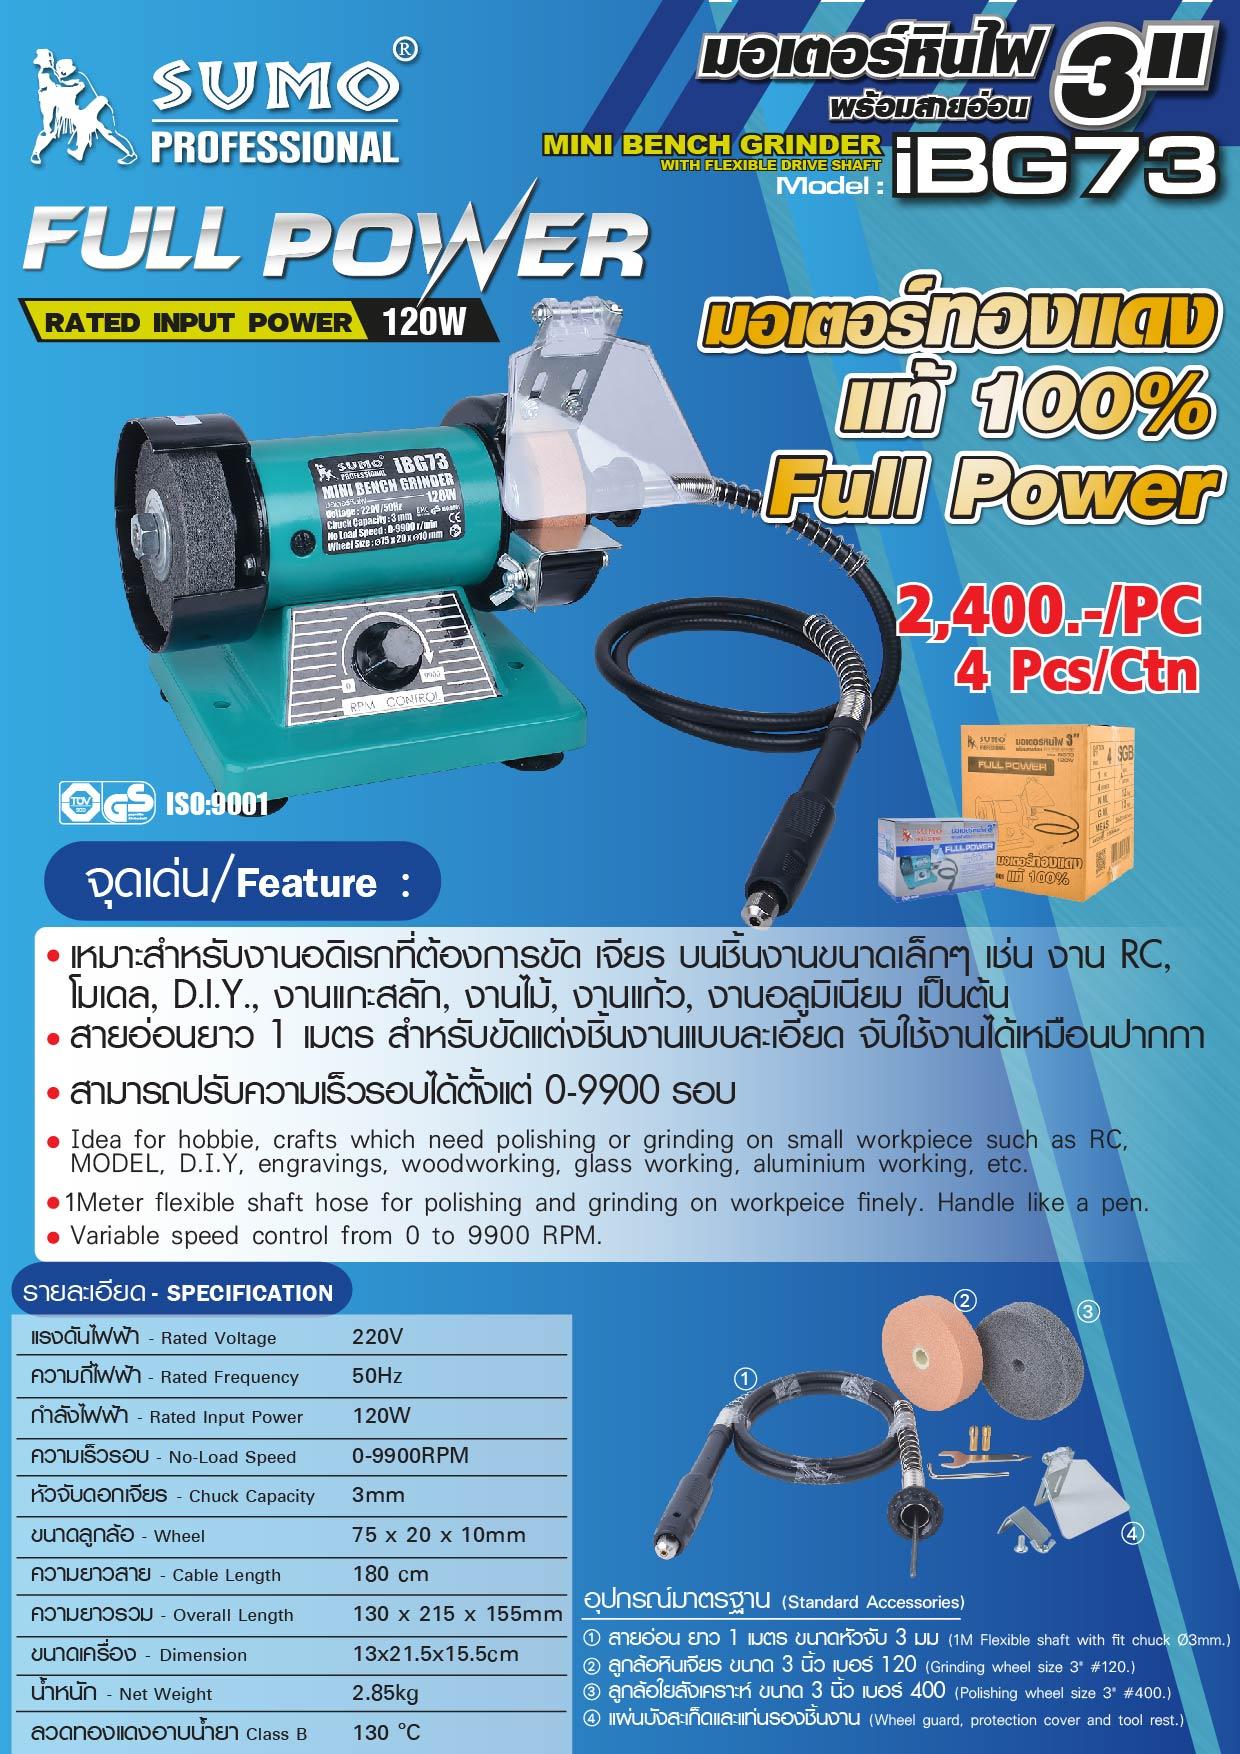 (47/305) มอเตอร์หินไฟ 3นิ้ว รุ่น iGB73